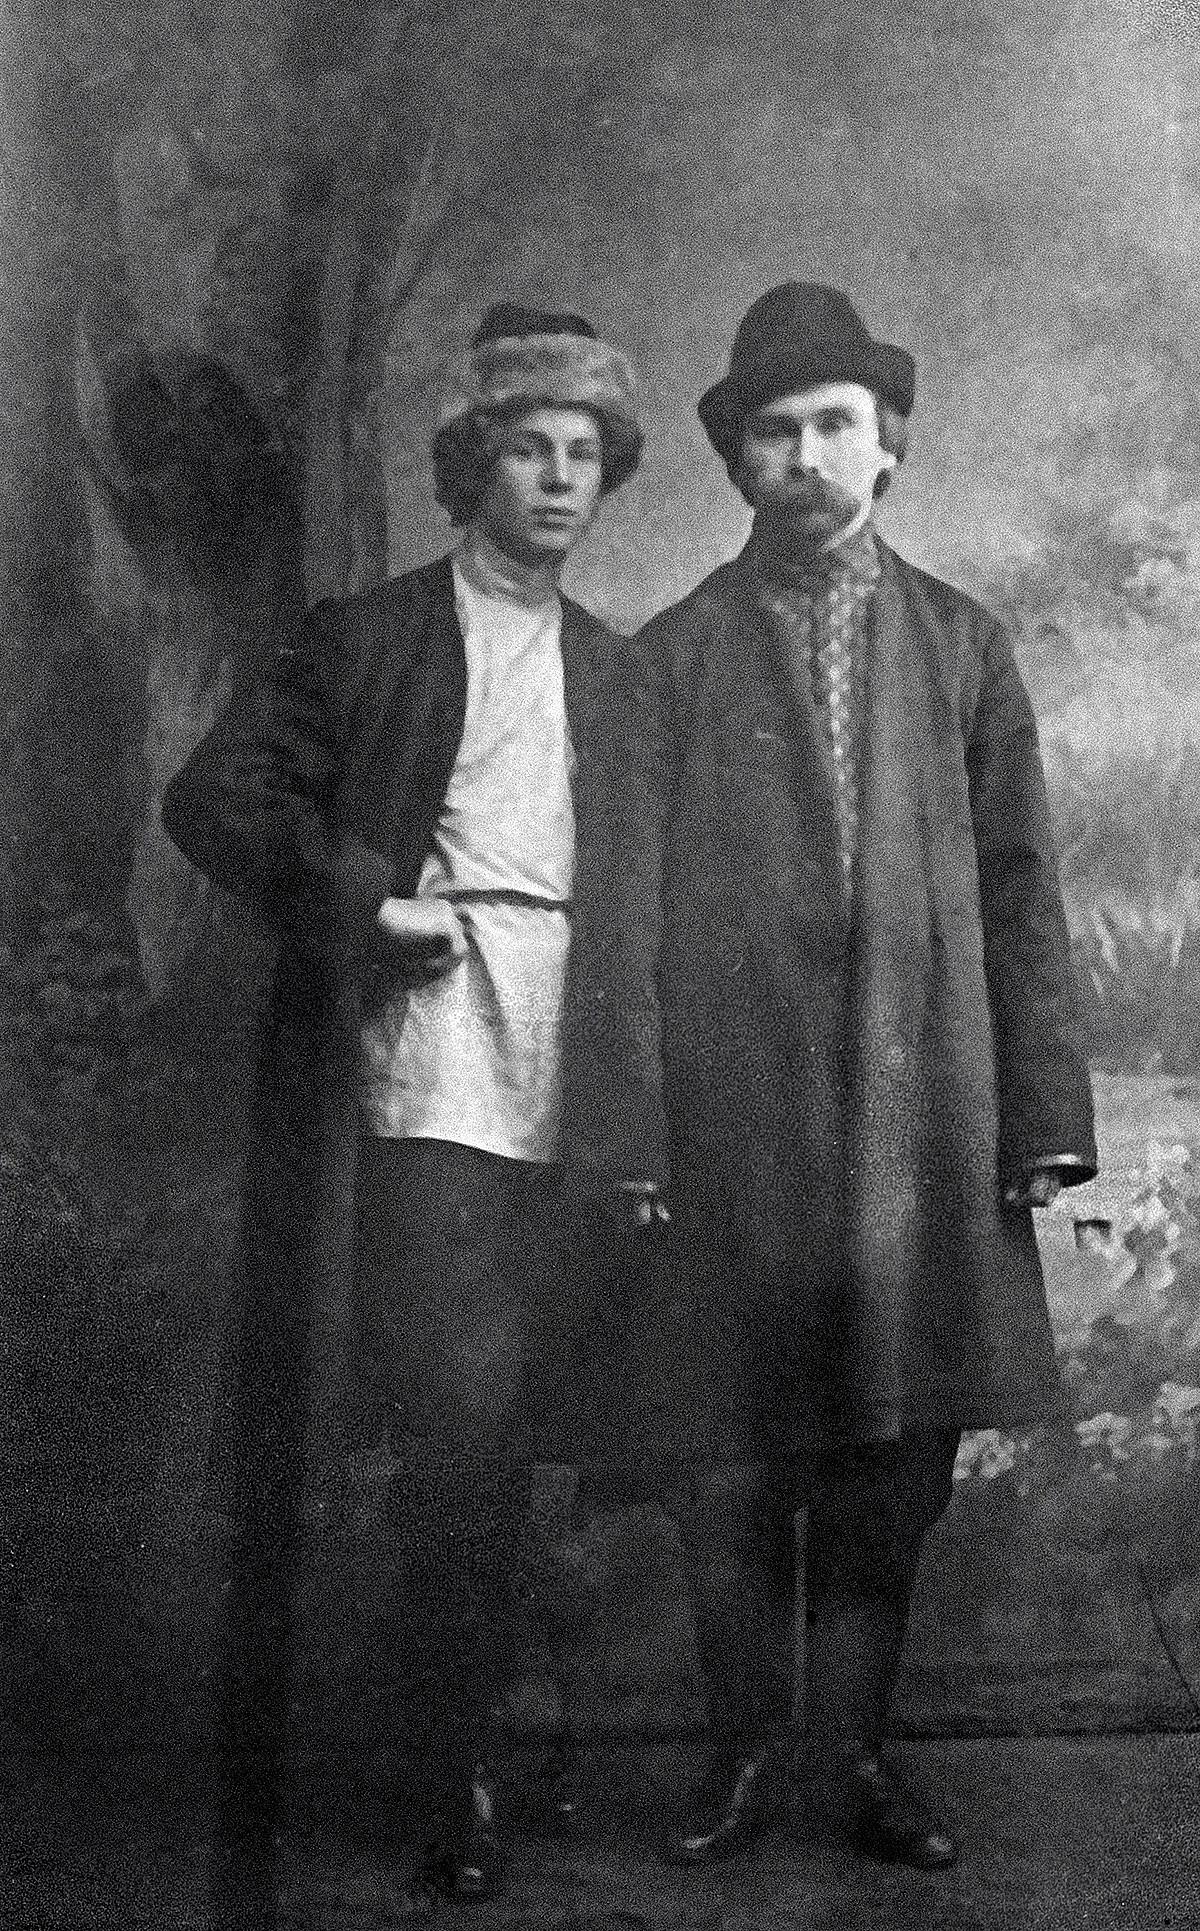 セルゲイ・エセーニン(左側)とニコライ・クリュエフ